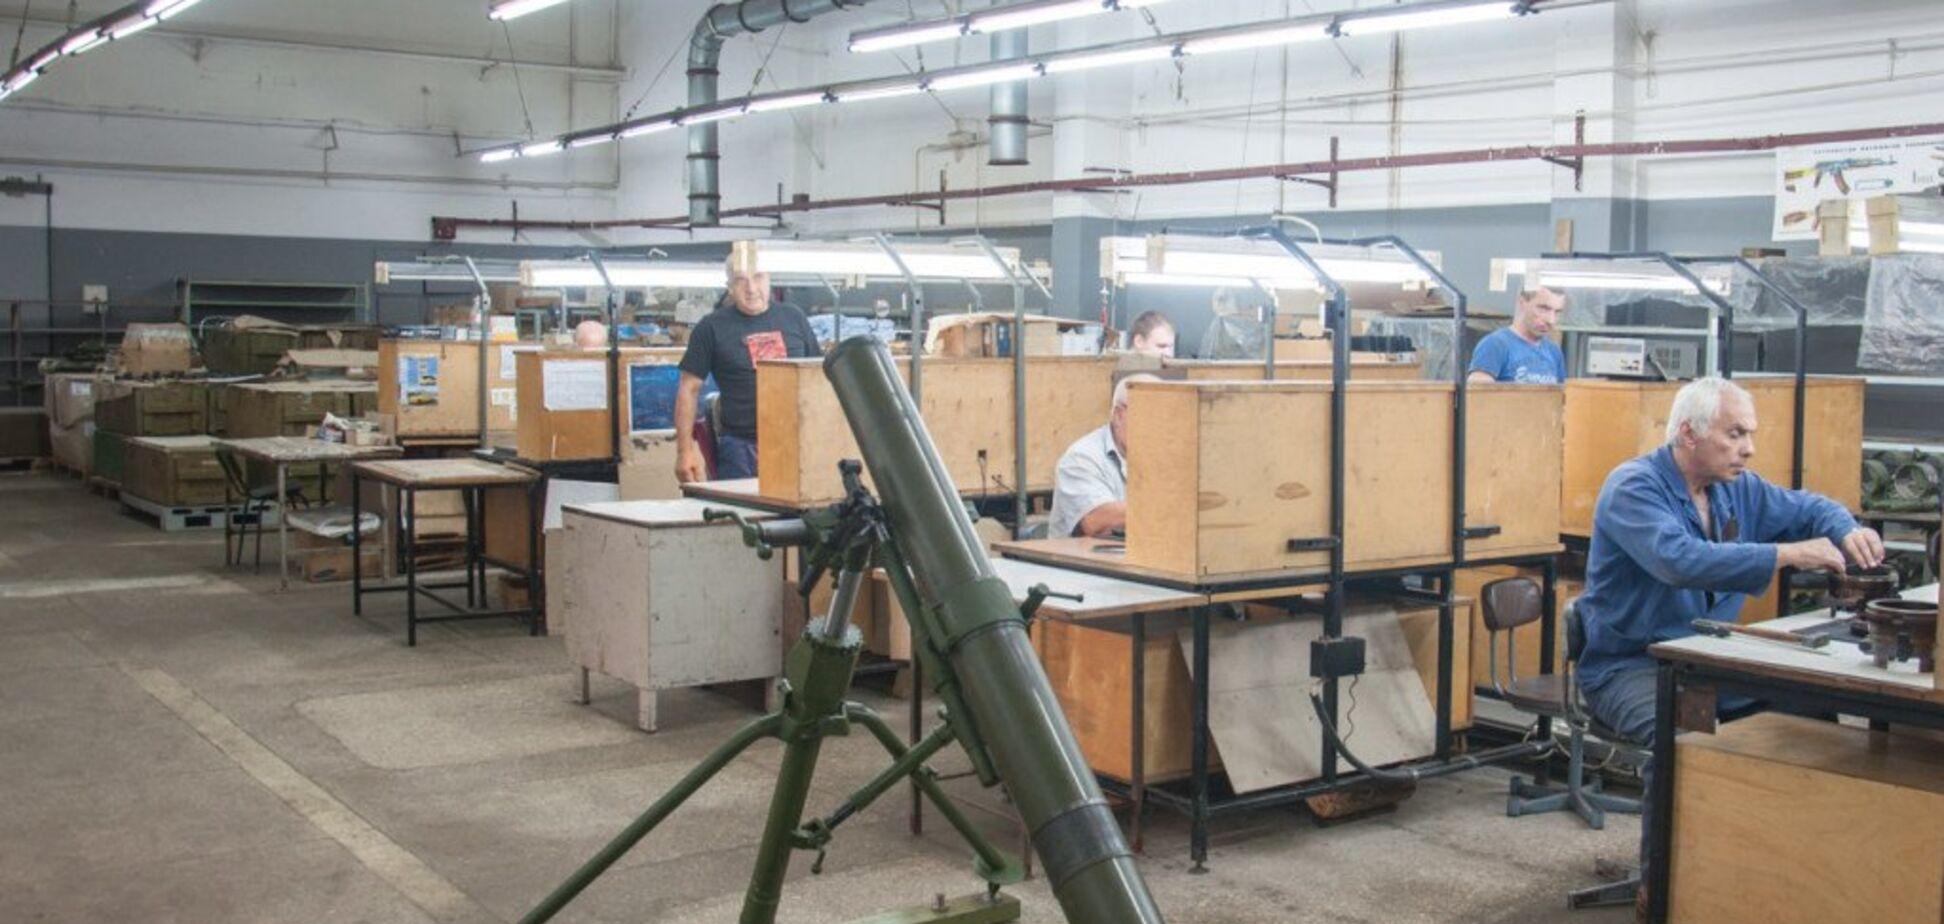 Менеджеру Пашинского сообщили о подозрении из-за завода, где делают 'Молот'